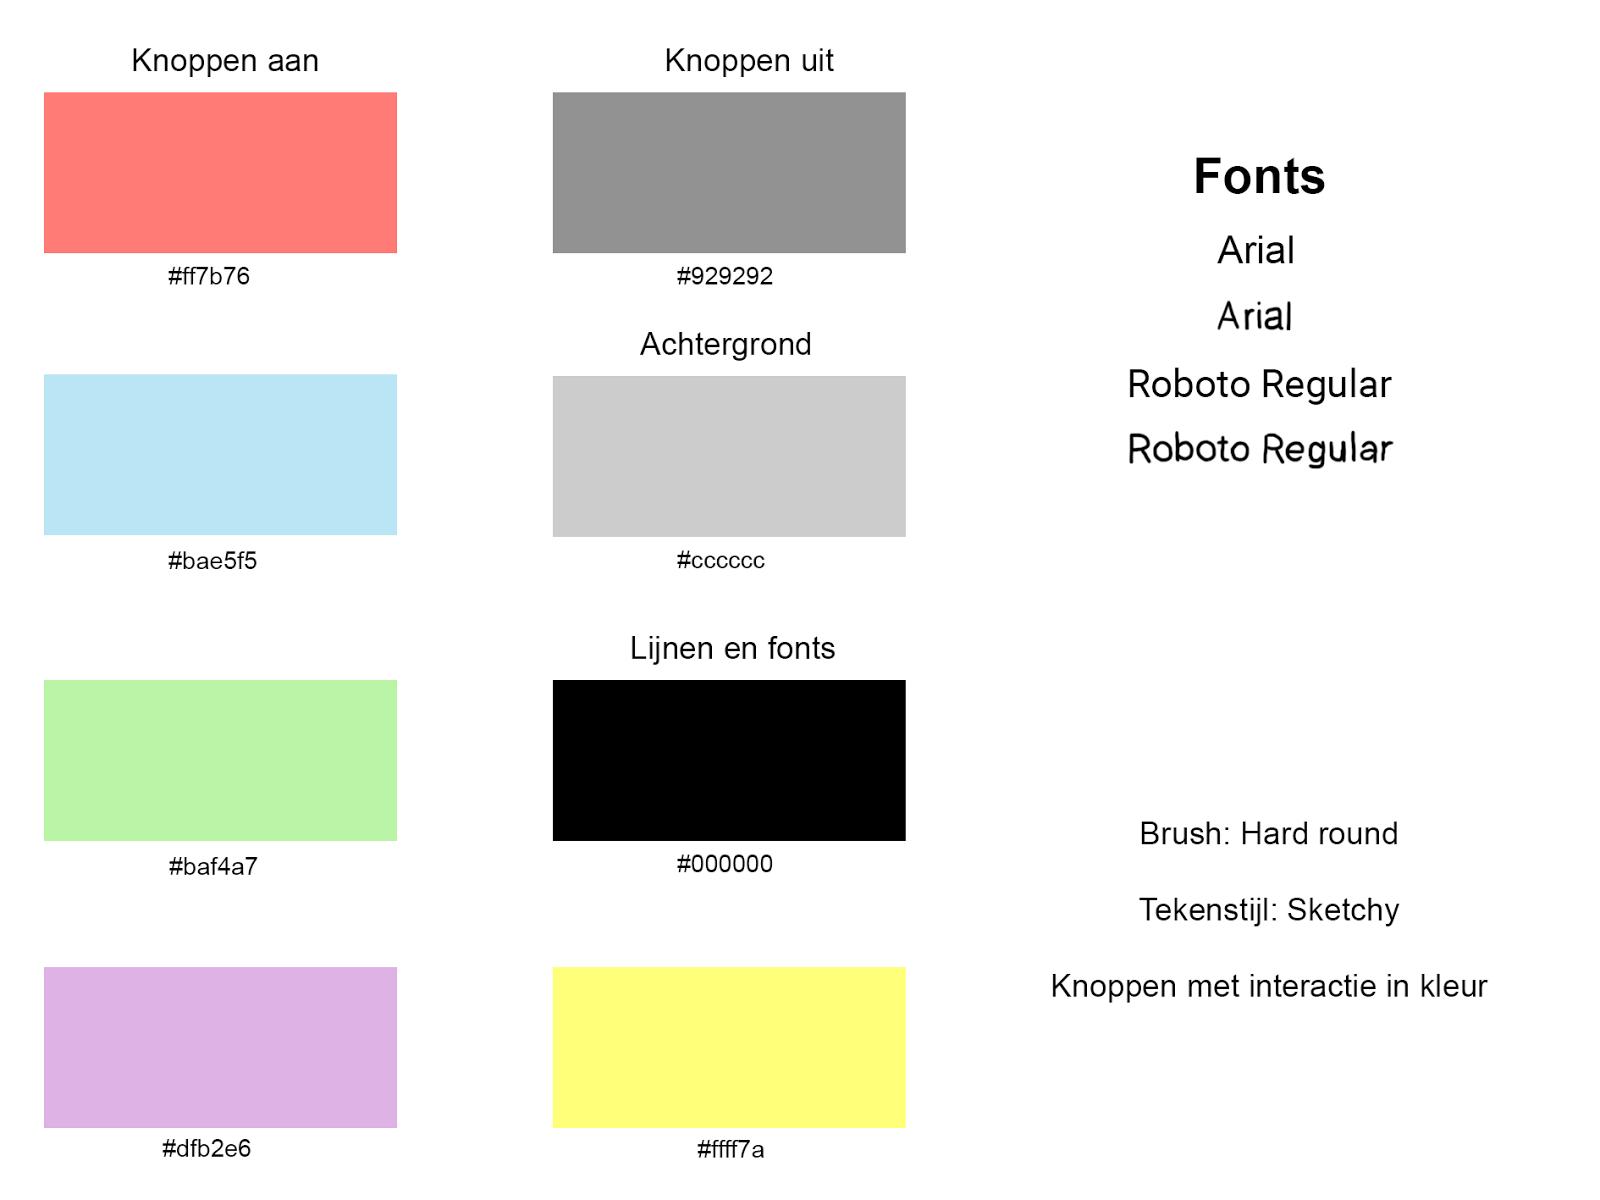 kleur en font.png